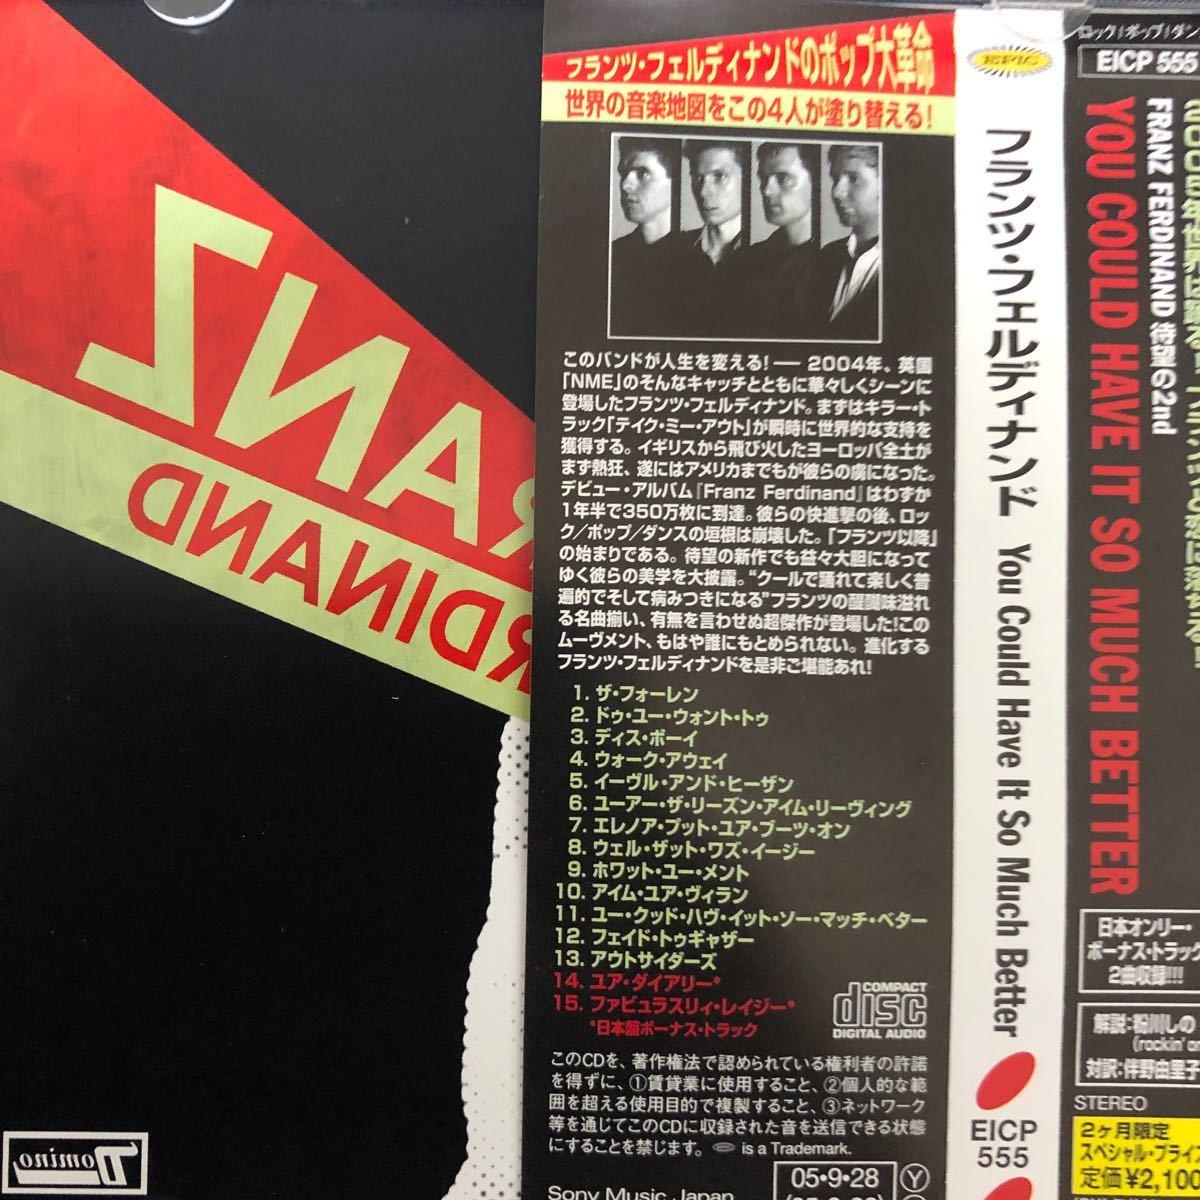 ユー・クッド・ハヴ・イット・ソー・マッチ・ベター/CD/EICP-555 中古